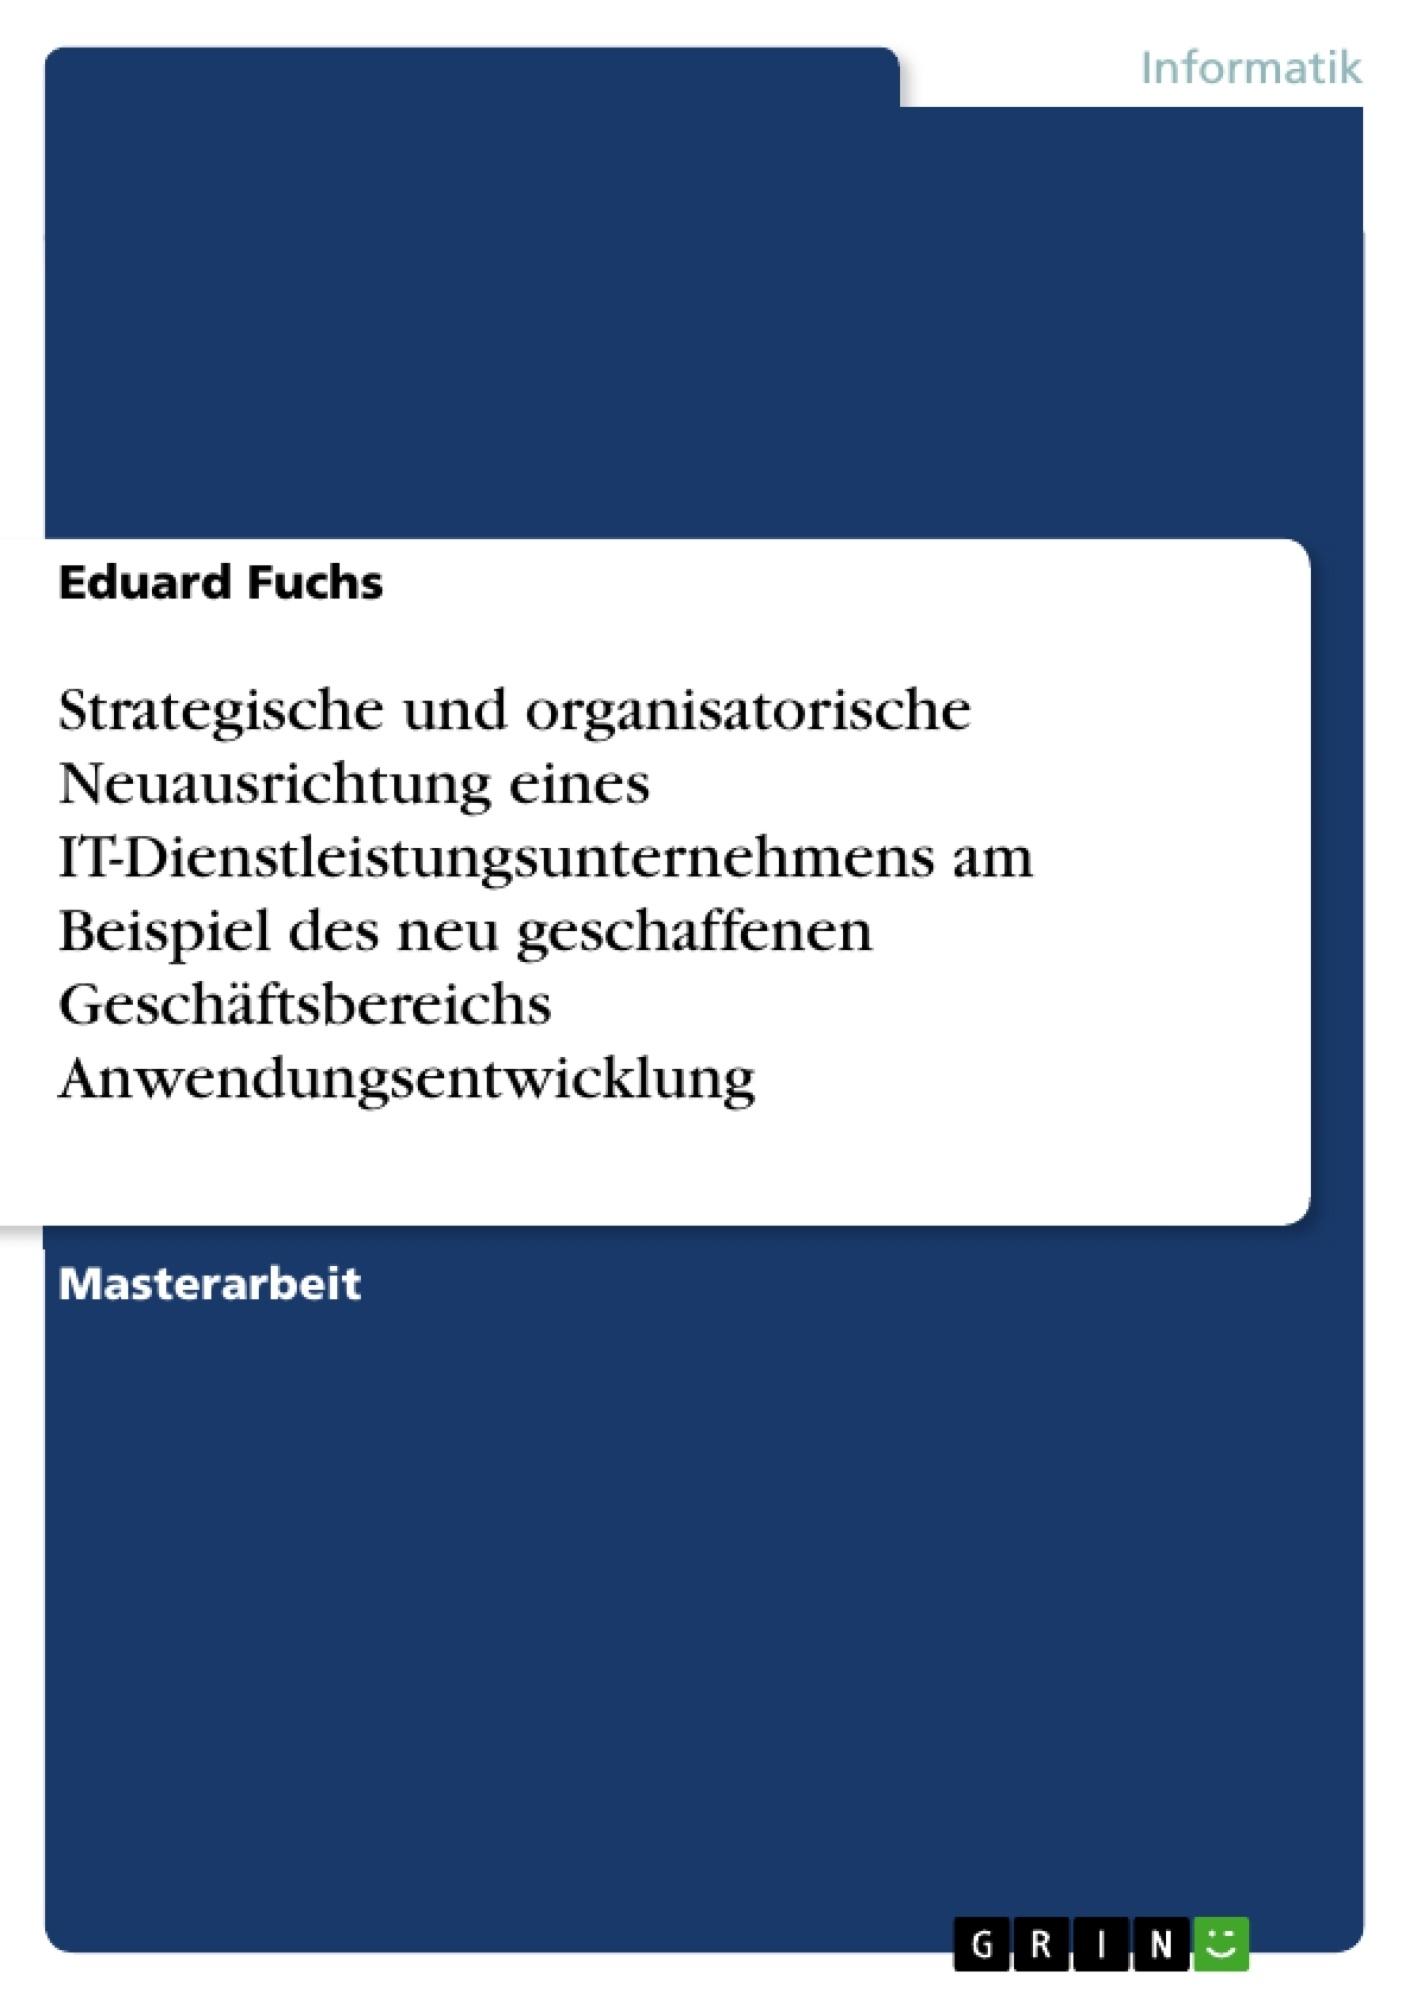 Titel: Strategische und organisatorische Neuausrichtung eines IT-Dienstleistungsunternehmens am Beispiel des neu geschaffenen Geschäftsbereichs Anwendungsentwicklung